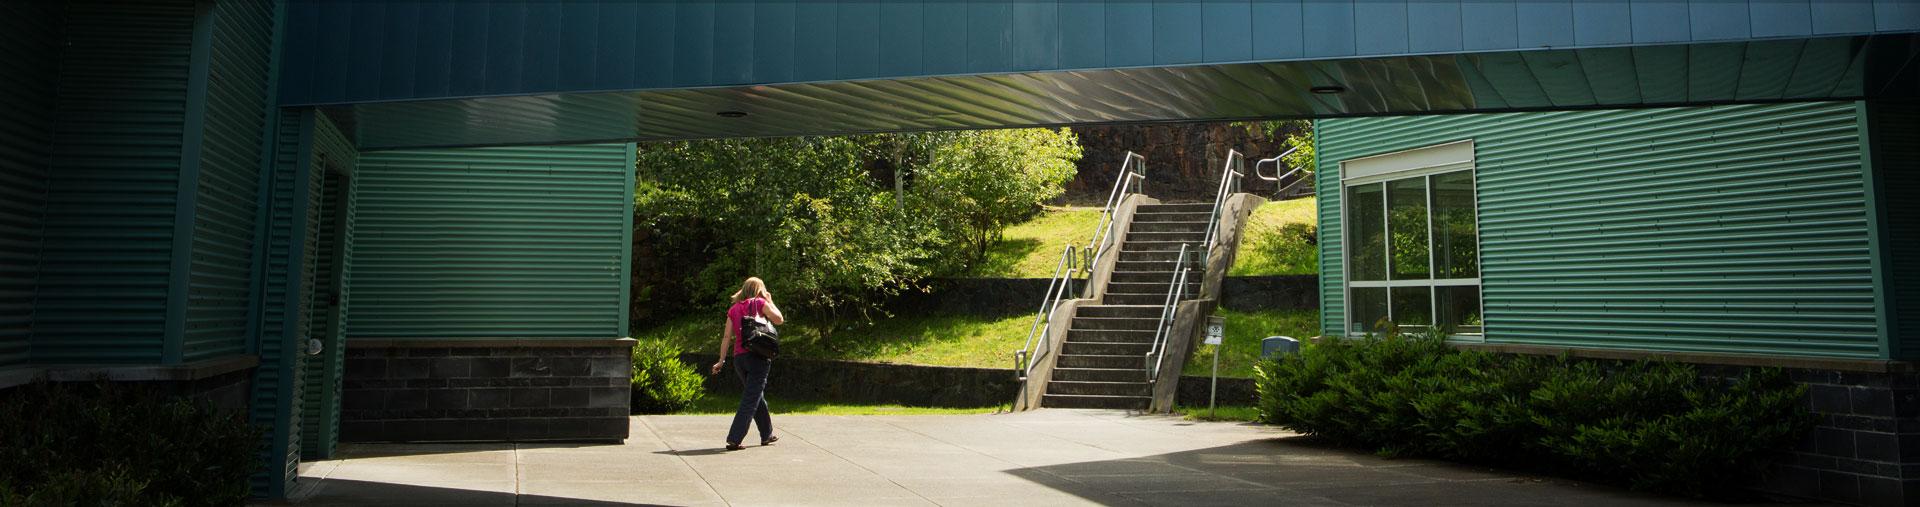 campus-banner